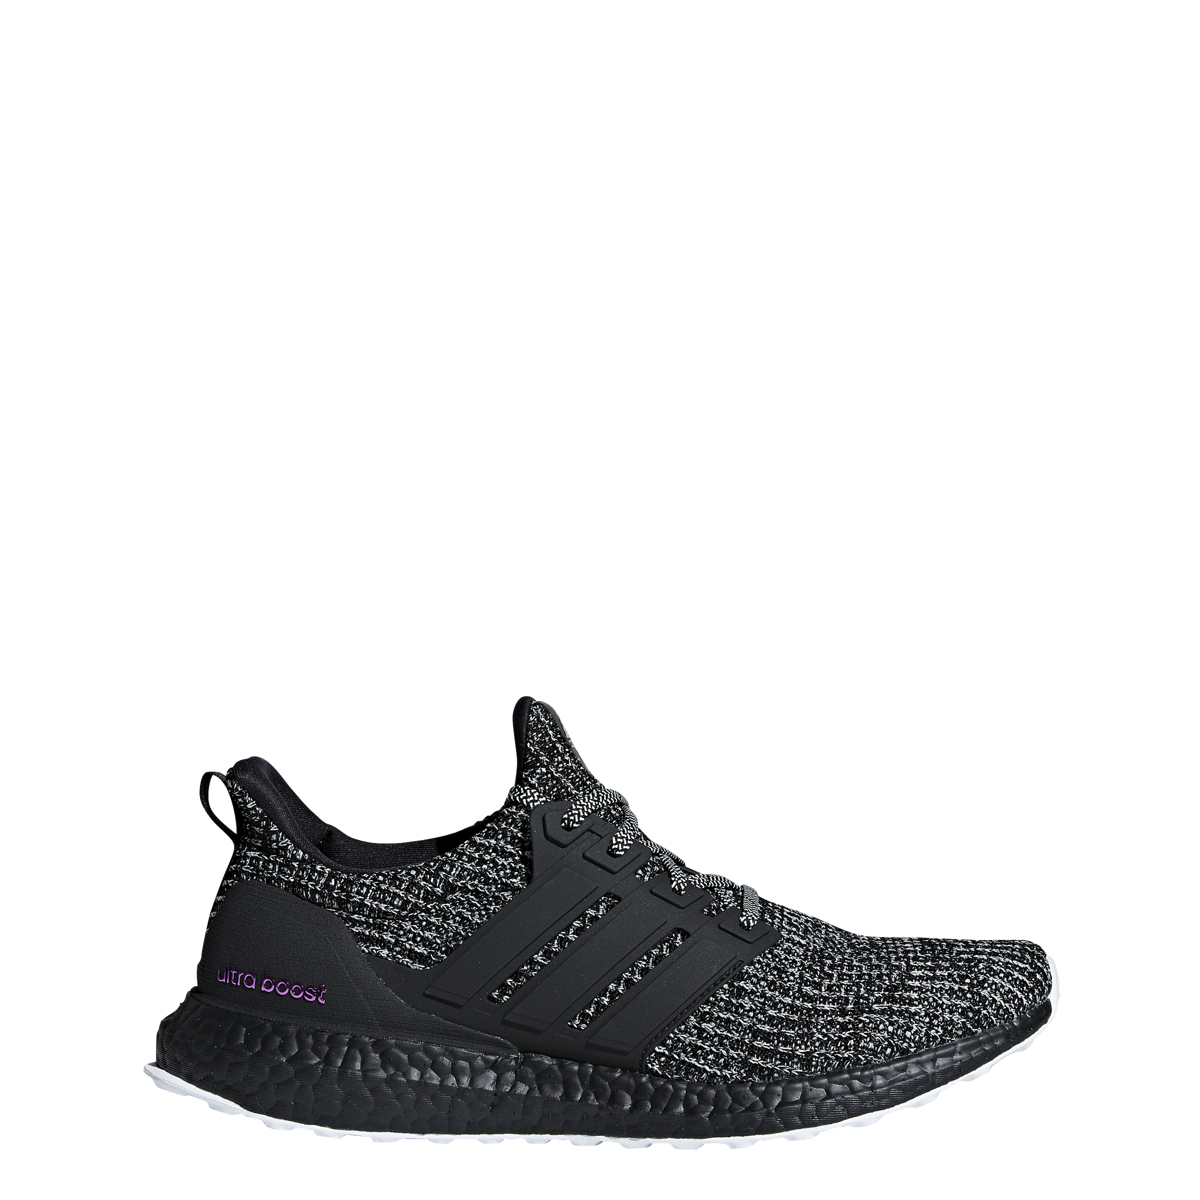 Adidas UltraBoost 4.0 Breast Cancer